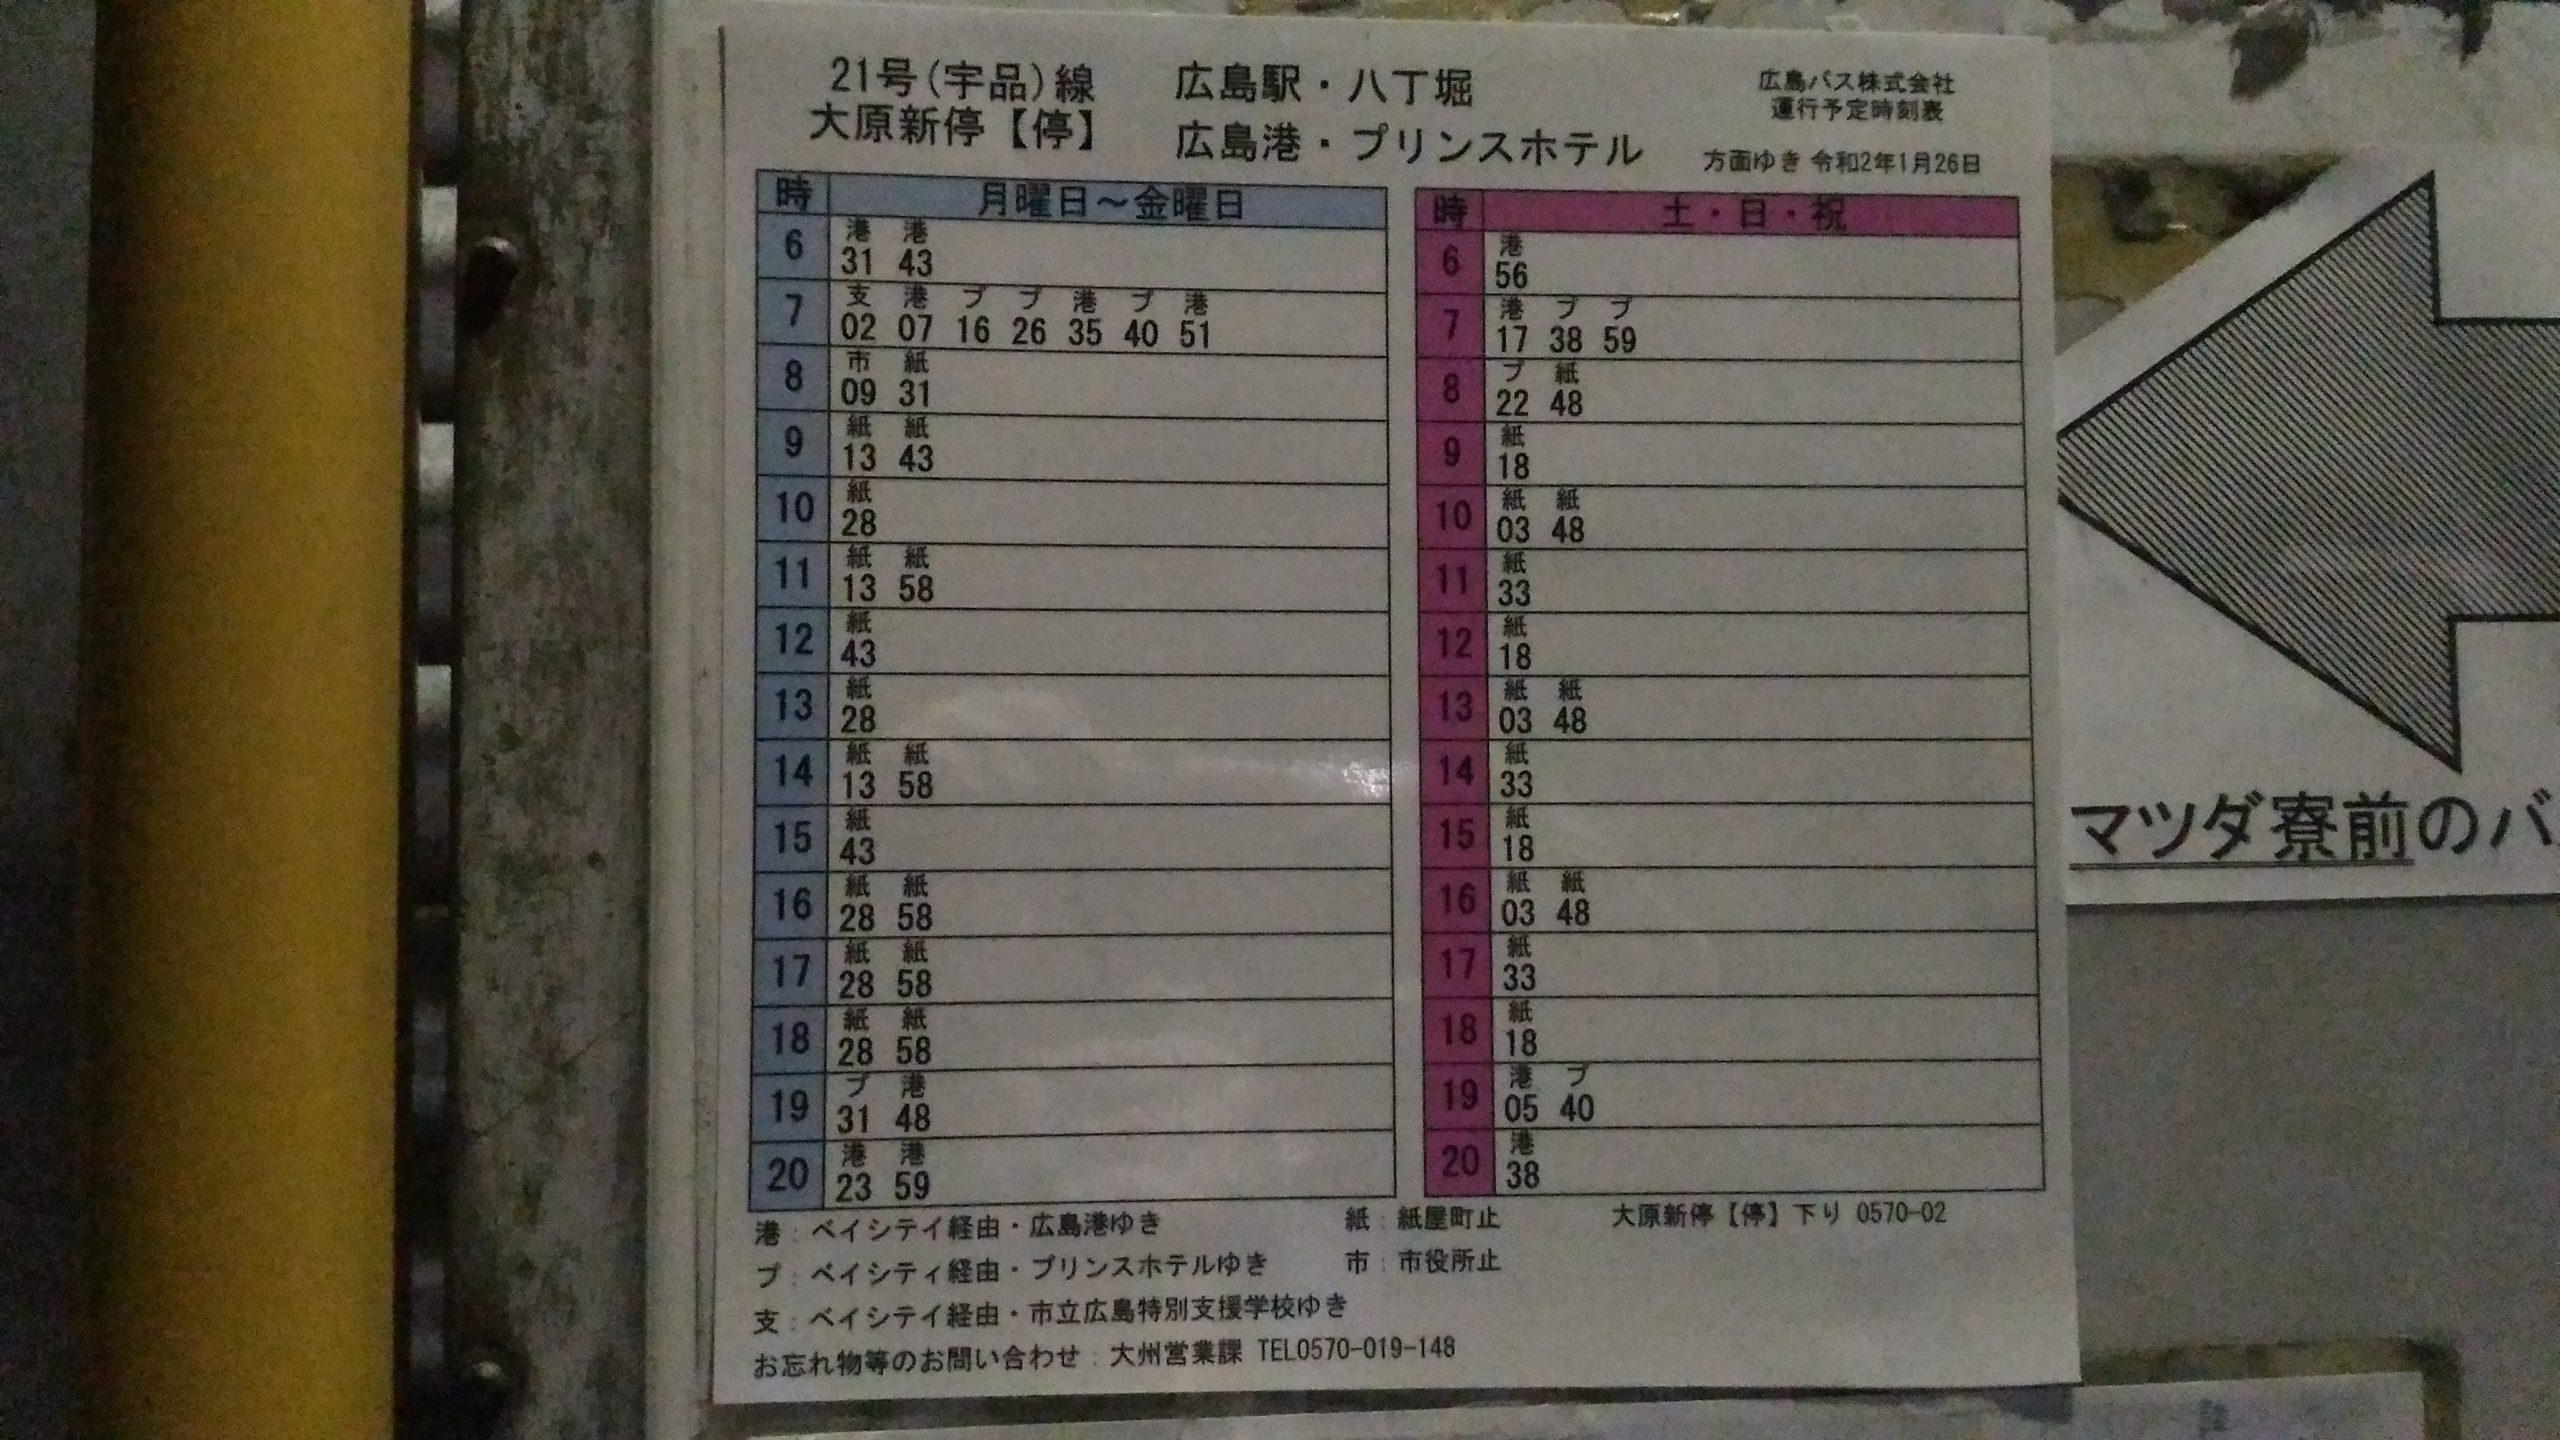 広島バス21号線 向洋大原新停 時刻表